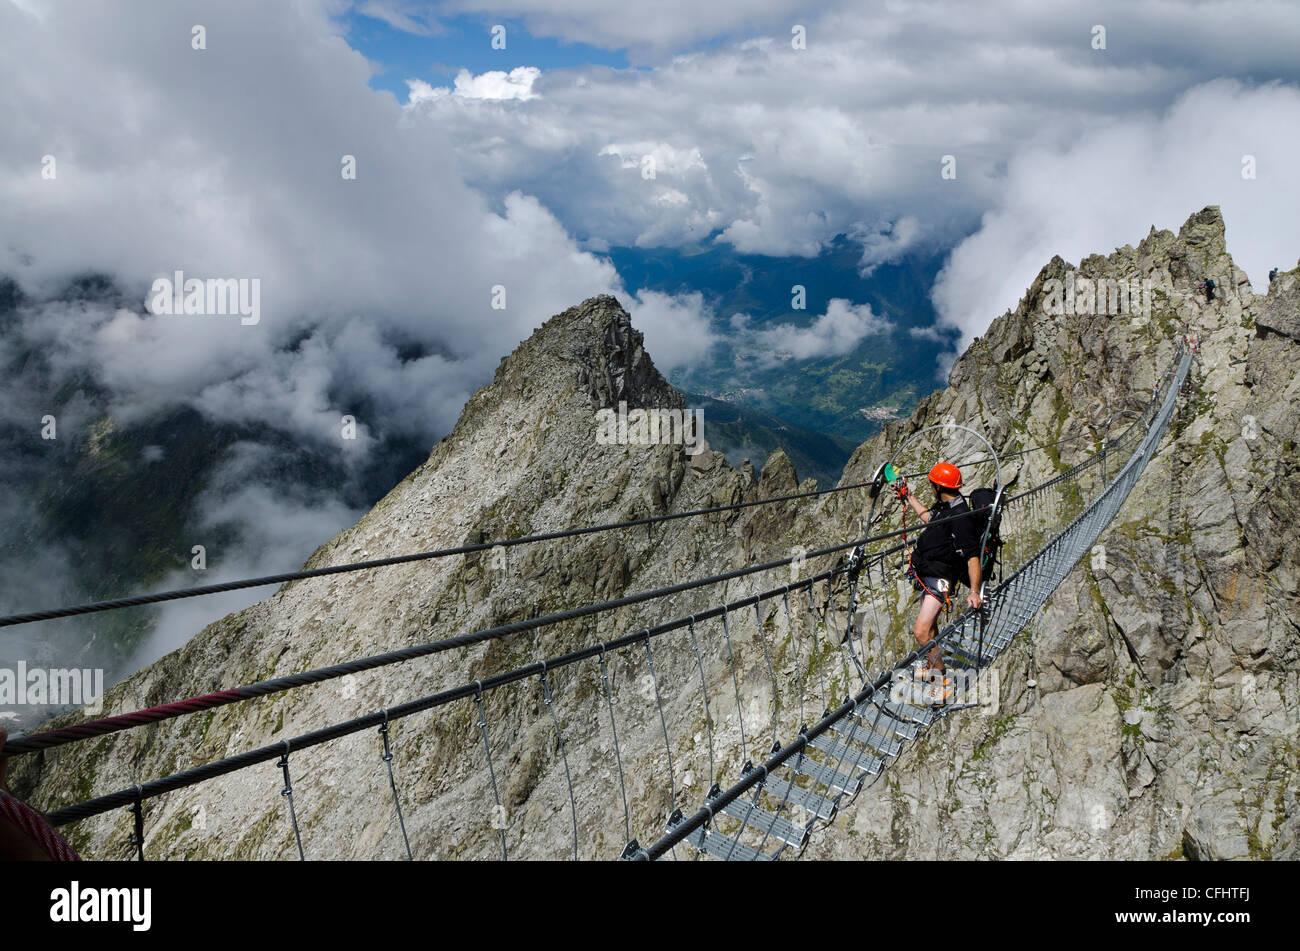 L'Italie, Alpes Retiche Lagoscuro, chaîne de montagne, le pont de corde Via Ferrata sentiero dei Fiori Photo Stock